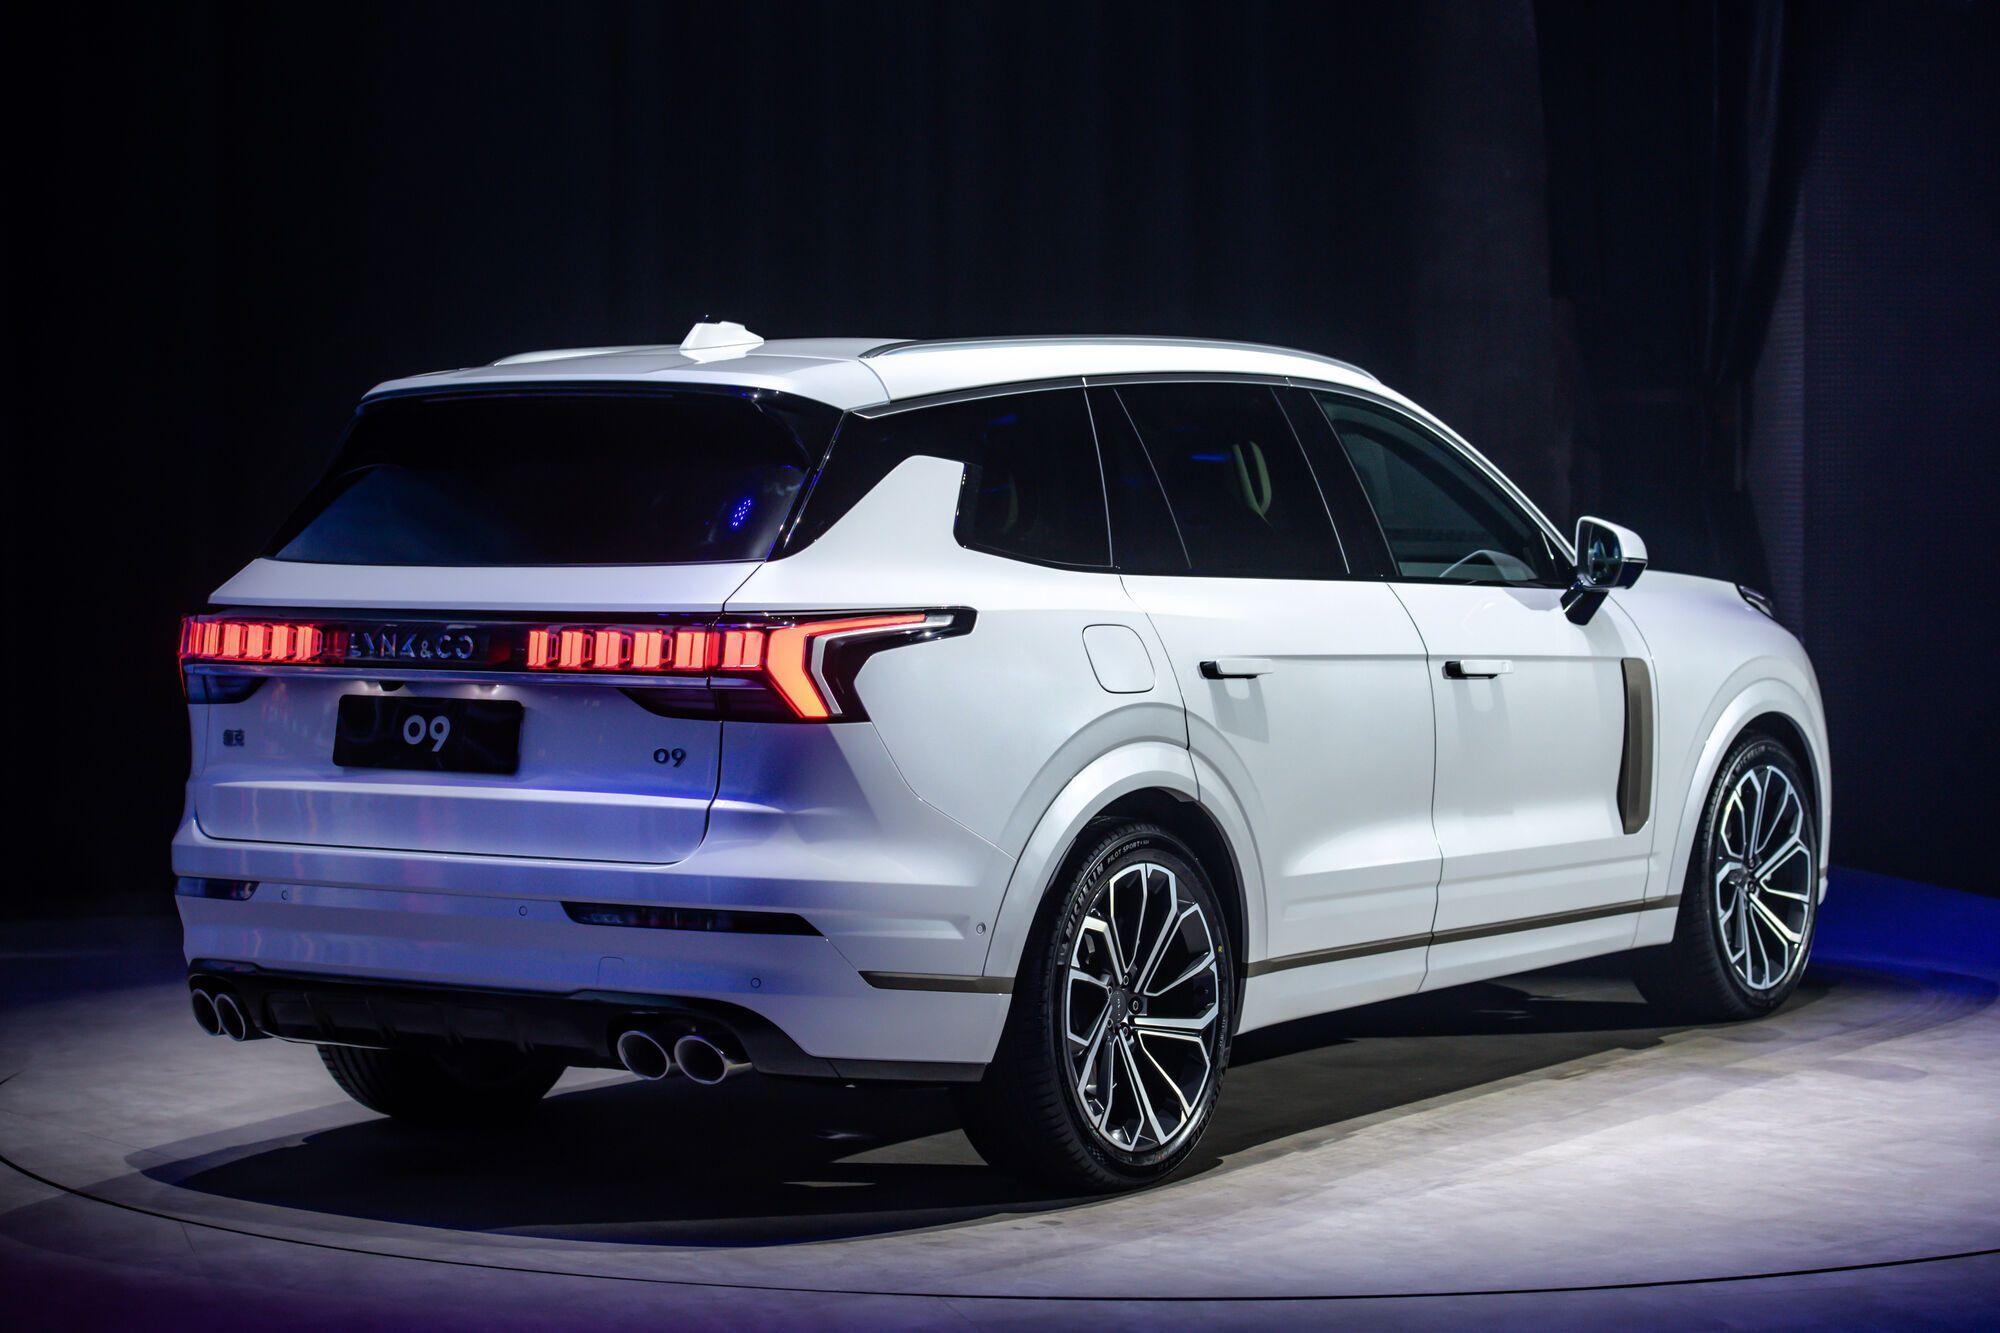 У китайских дилеров автомобиль ожидается в четвертом квартале нынешнего года